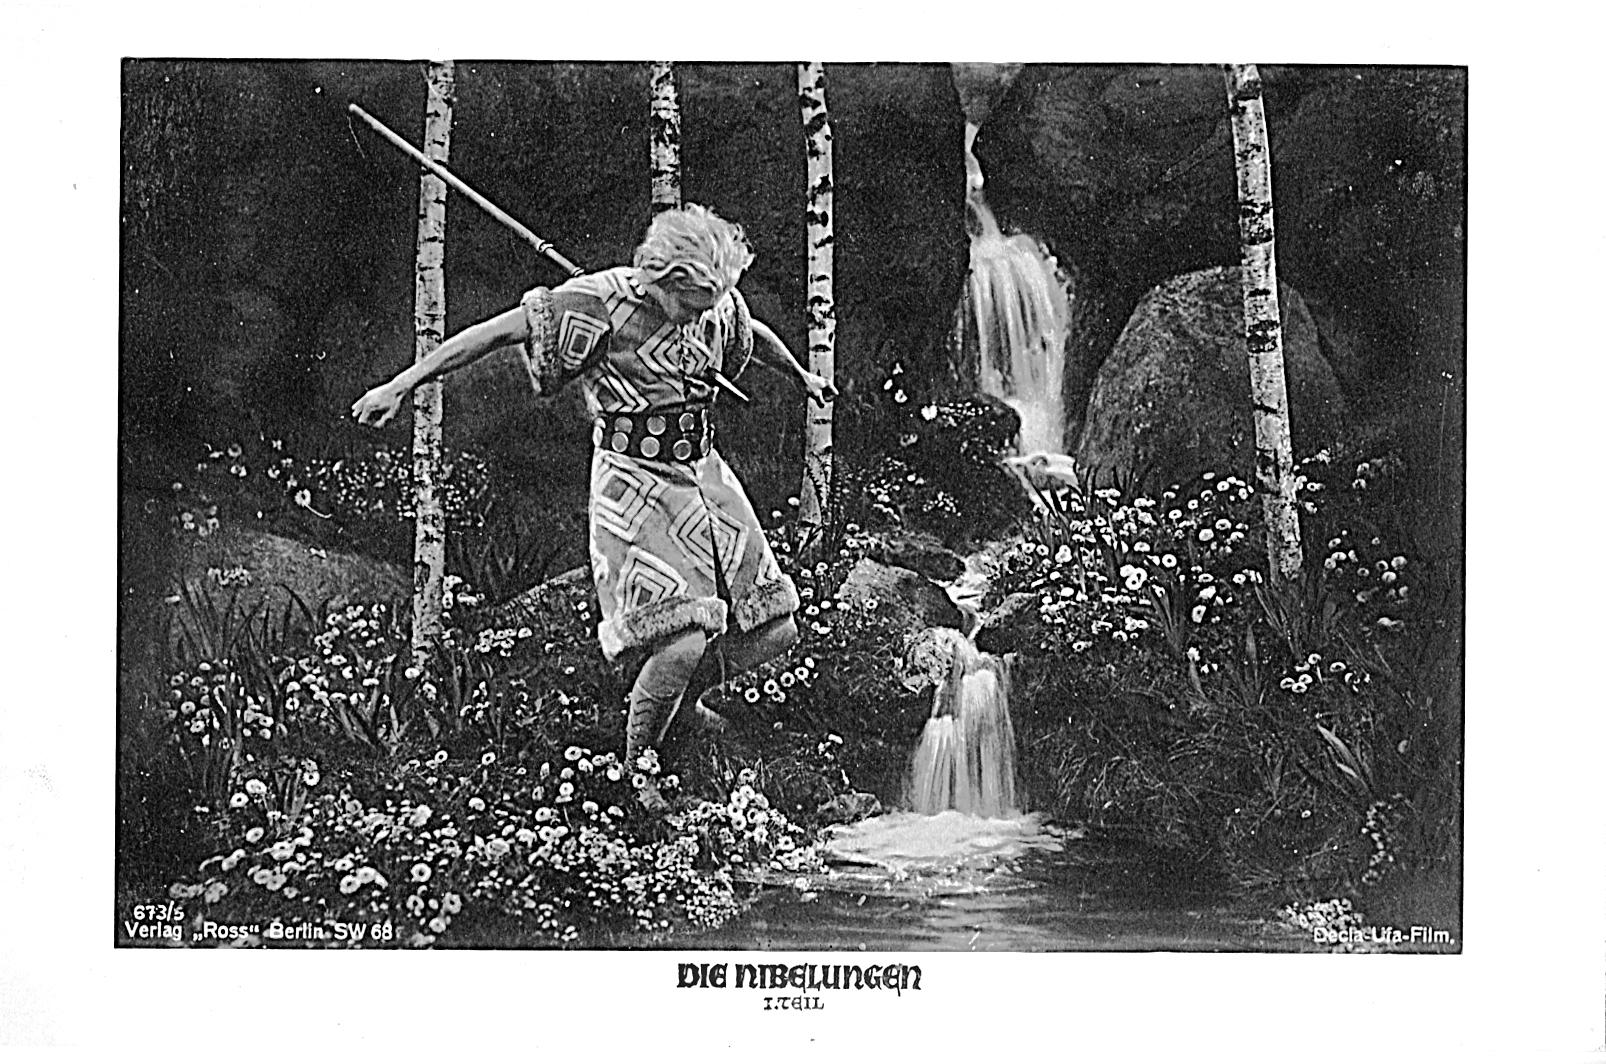 Les Nibelungen La Mort De Siegfried Die Nibelungen Siegfried 1924 ...